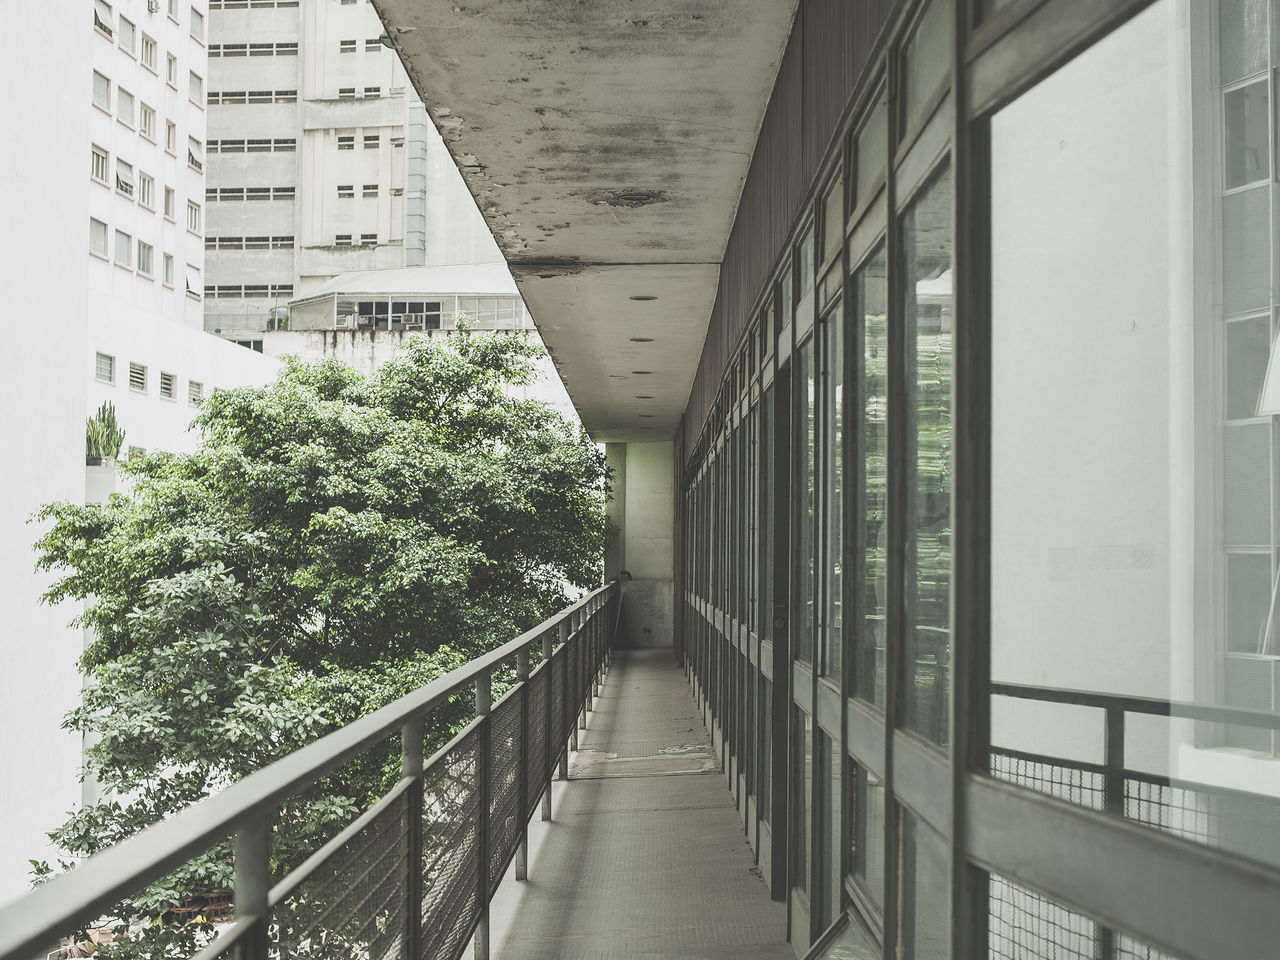 São Paulo Sao Paulo - Brazil Architecture Corridor Brazil Brazilian Architecture city Outdoors